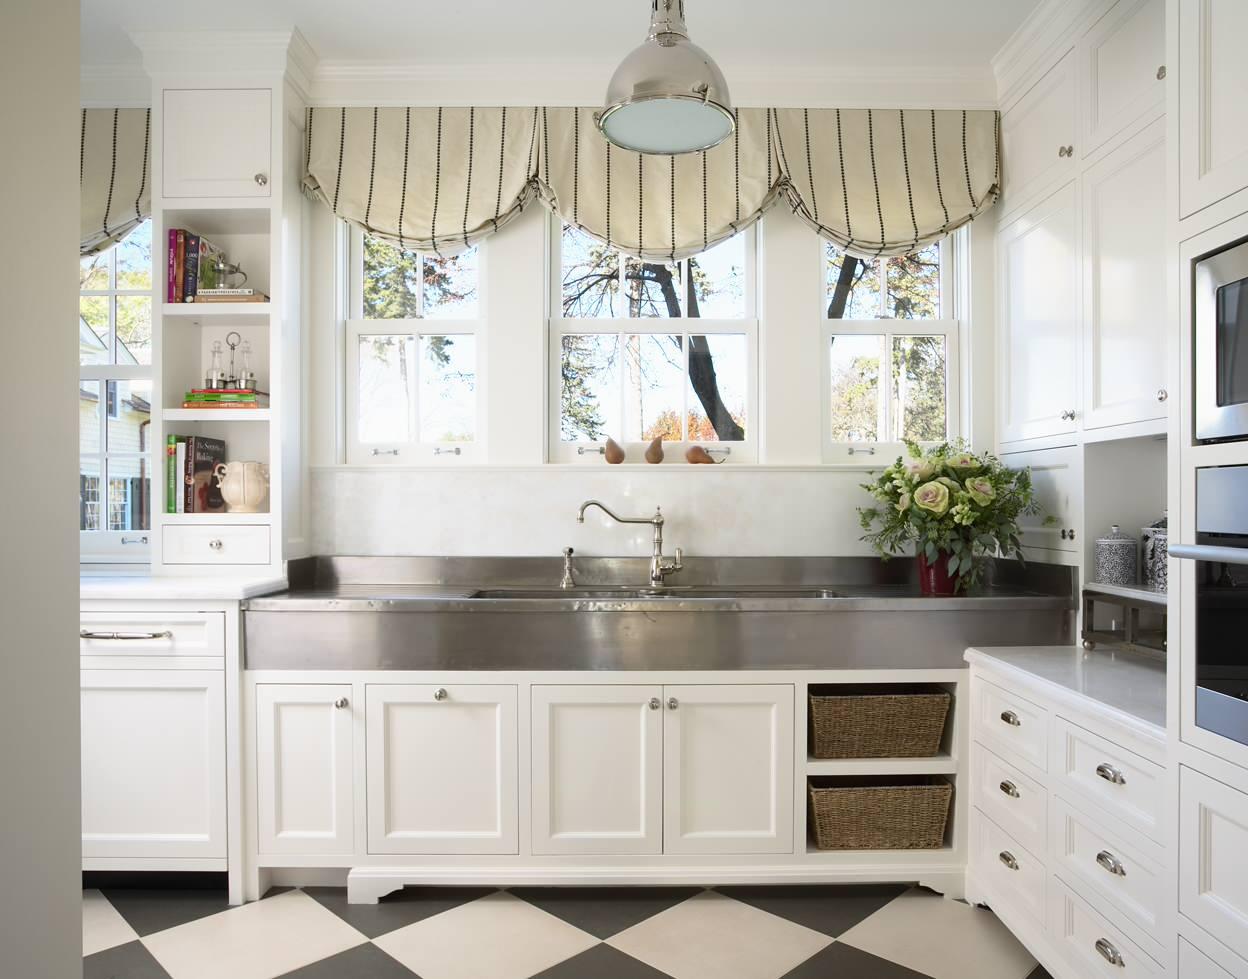 La cuisine en blanc a l'air très spacieuse